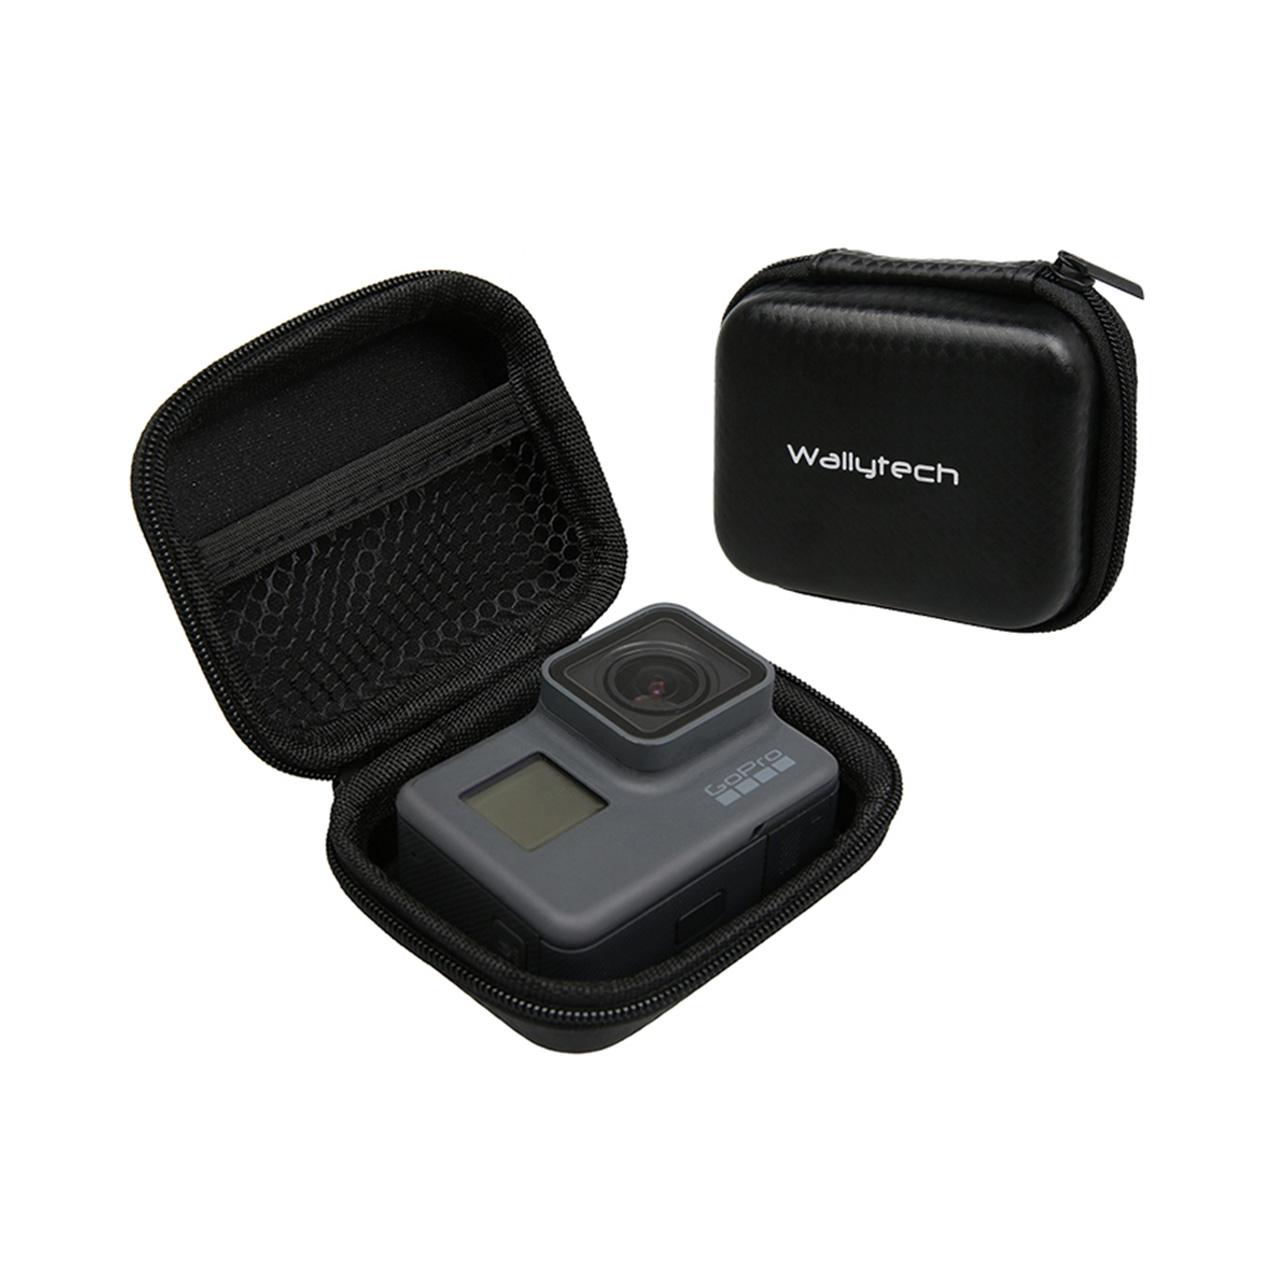 کیف جیبی WallyTech مدل Mini مناسب دوربین های ورزشی